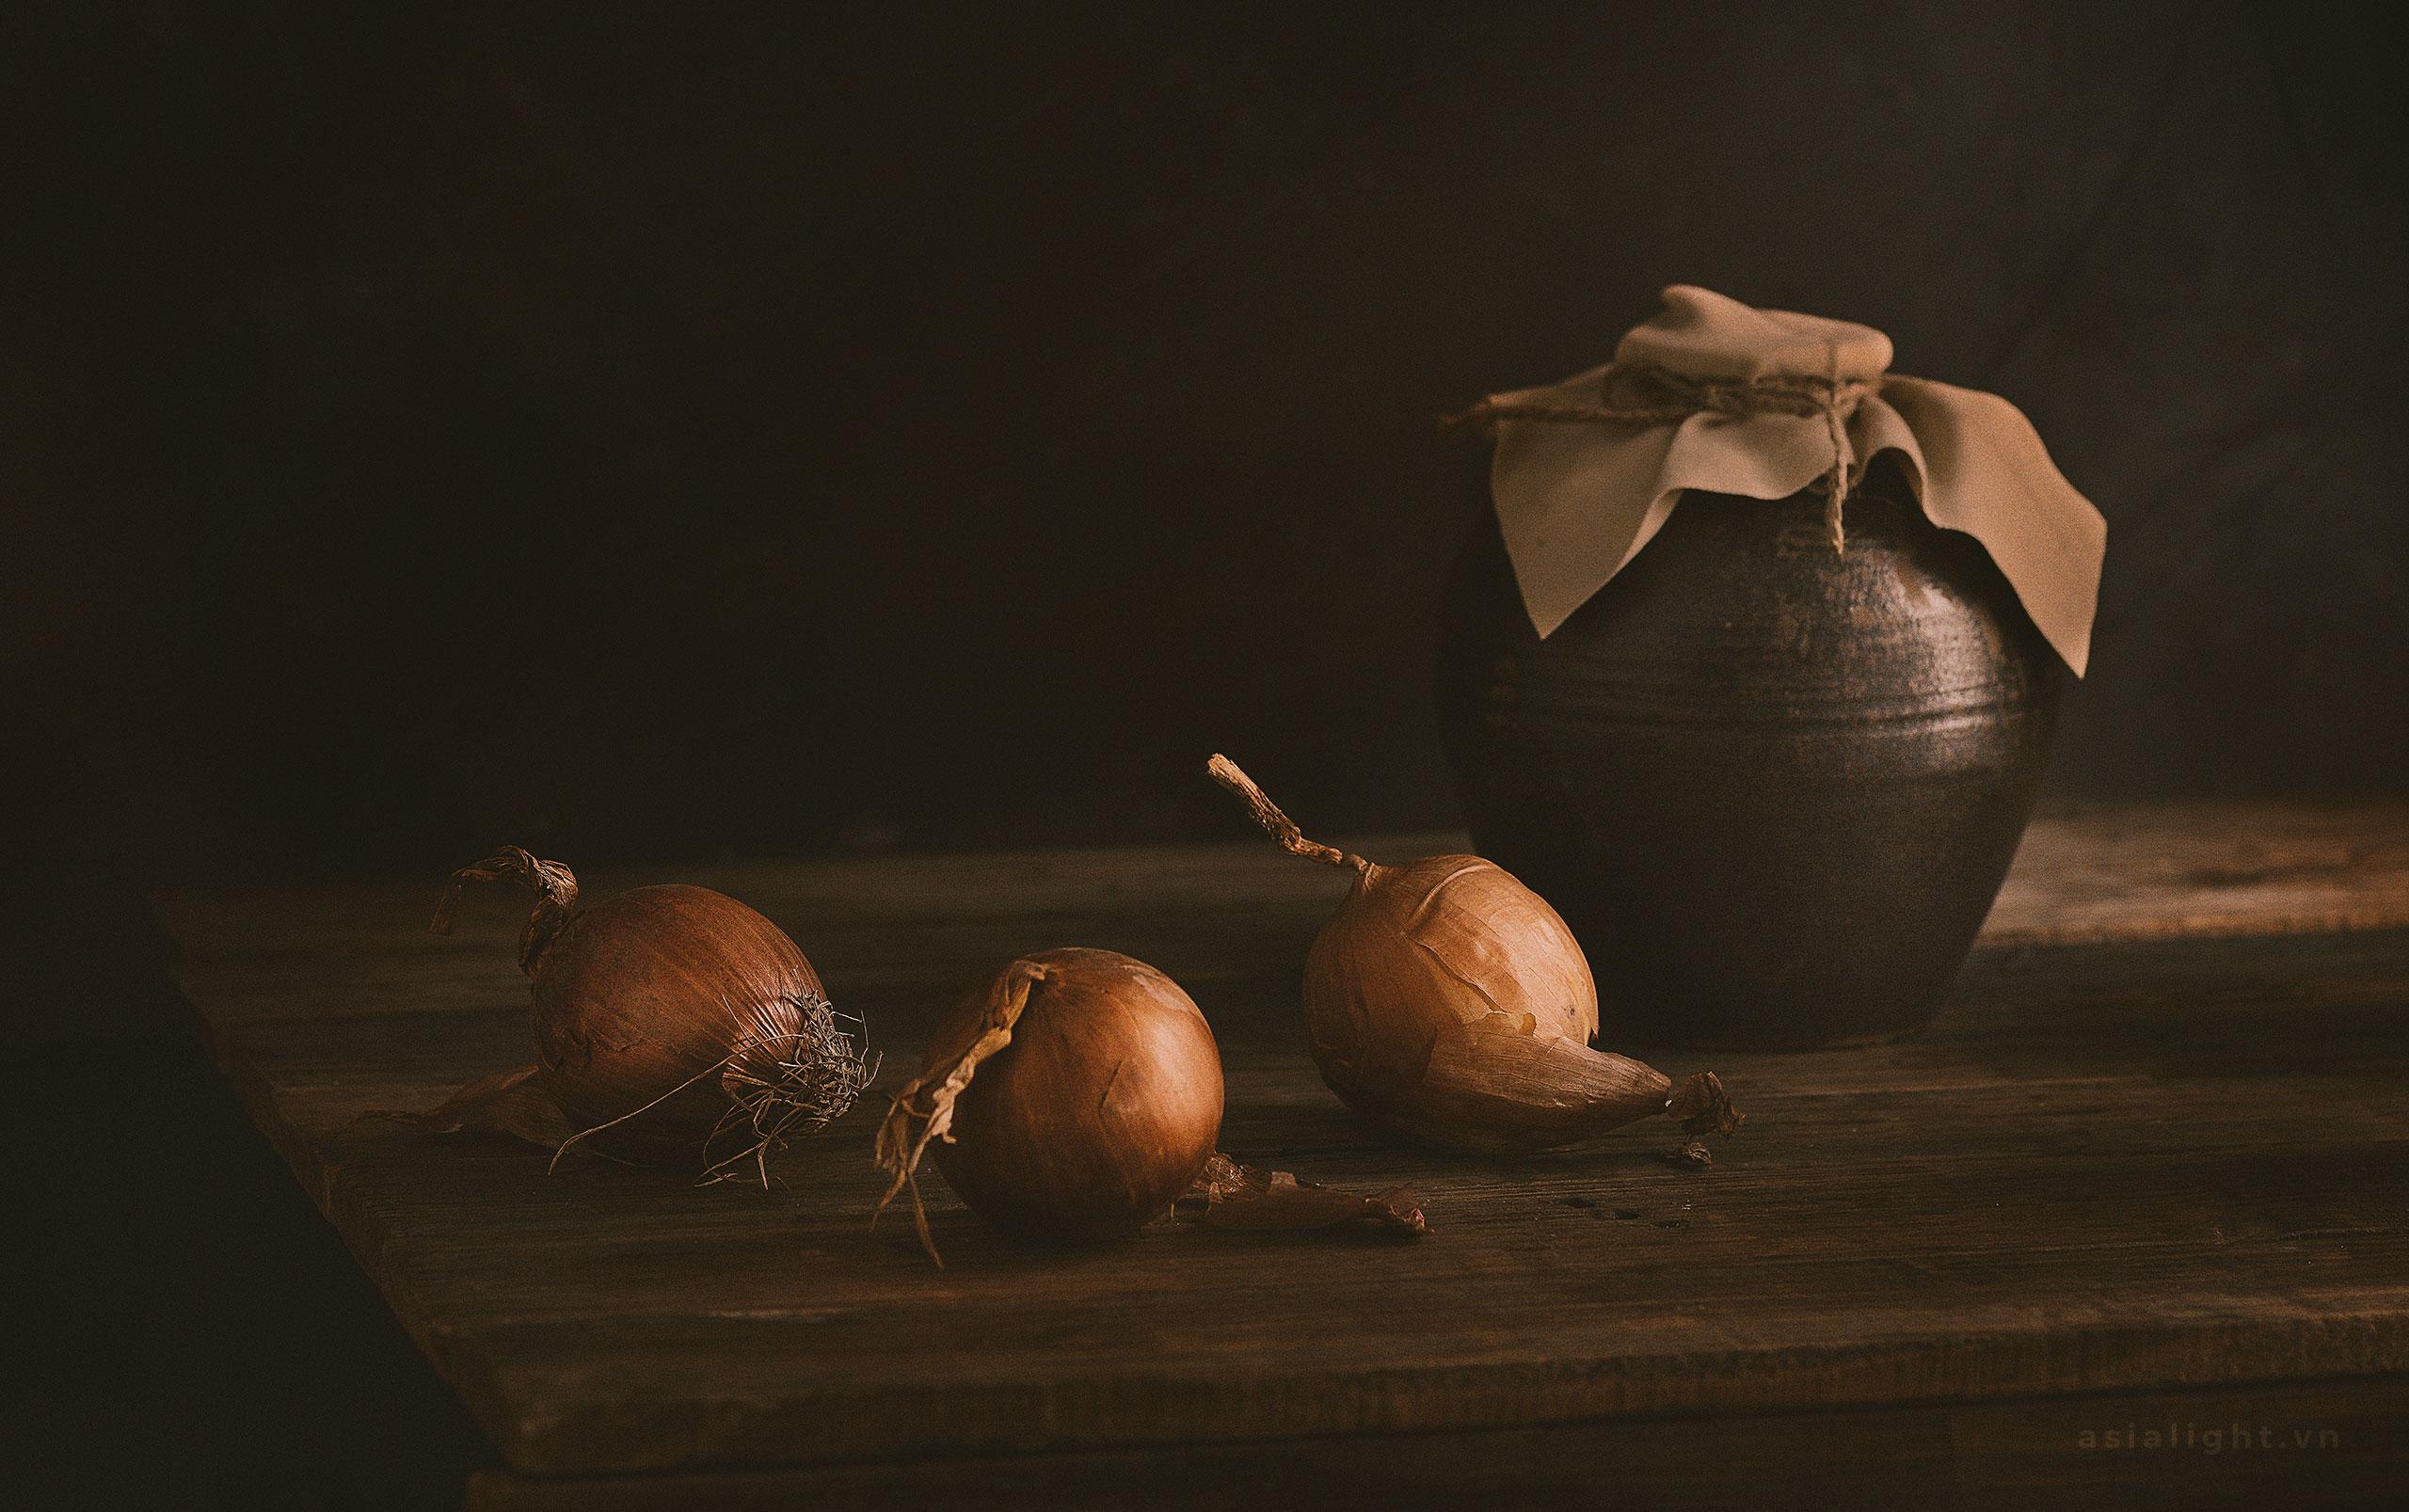 Onion-Still